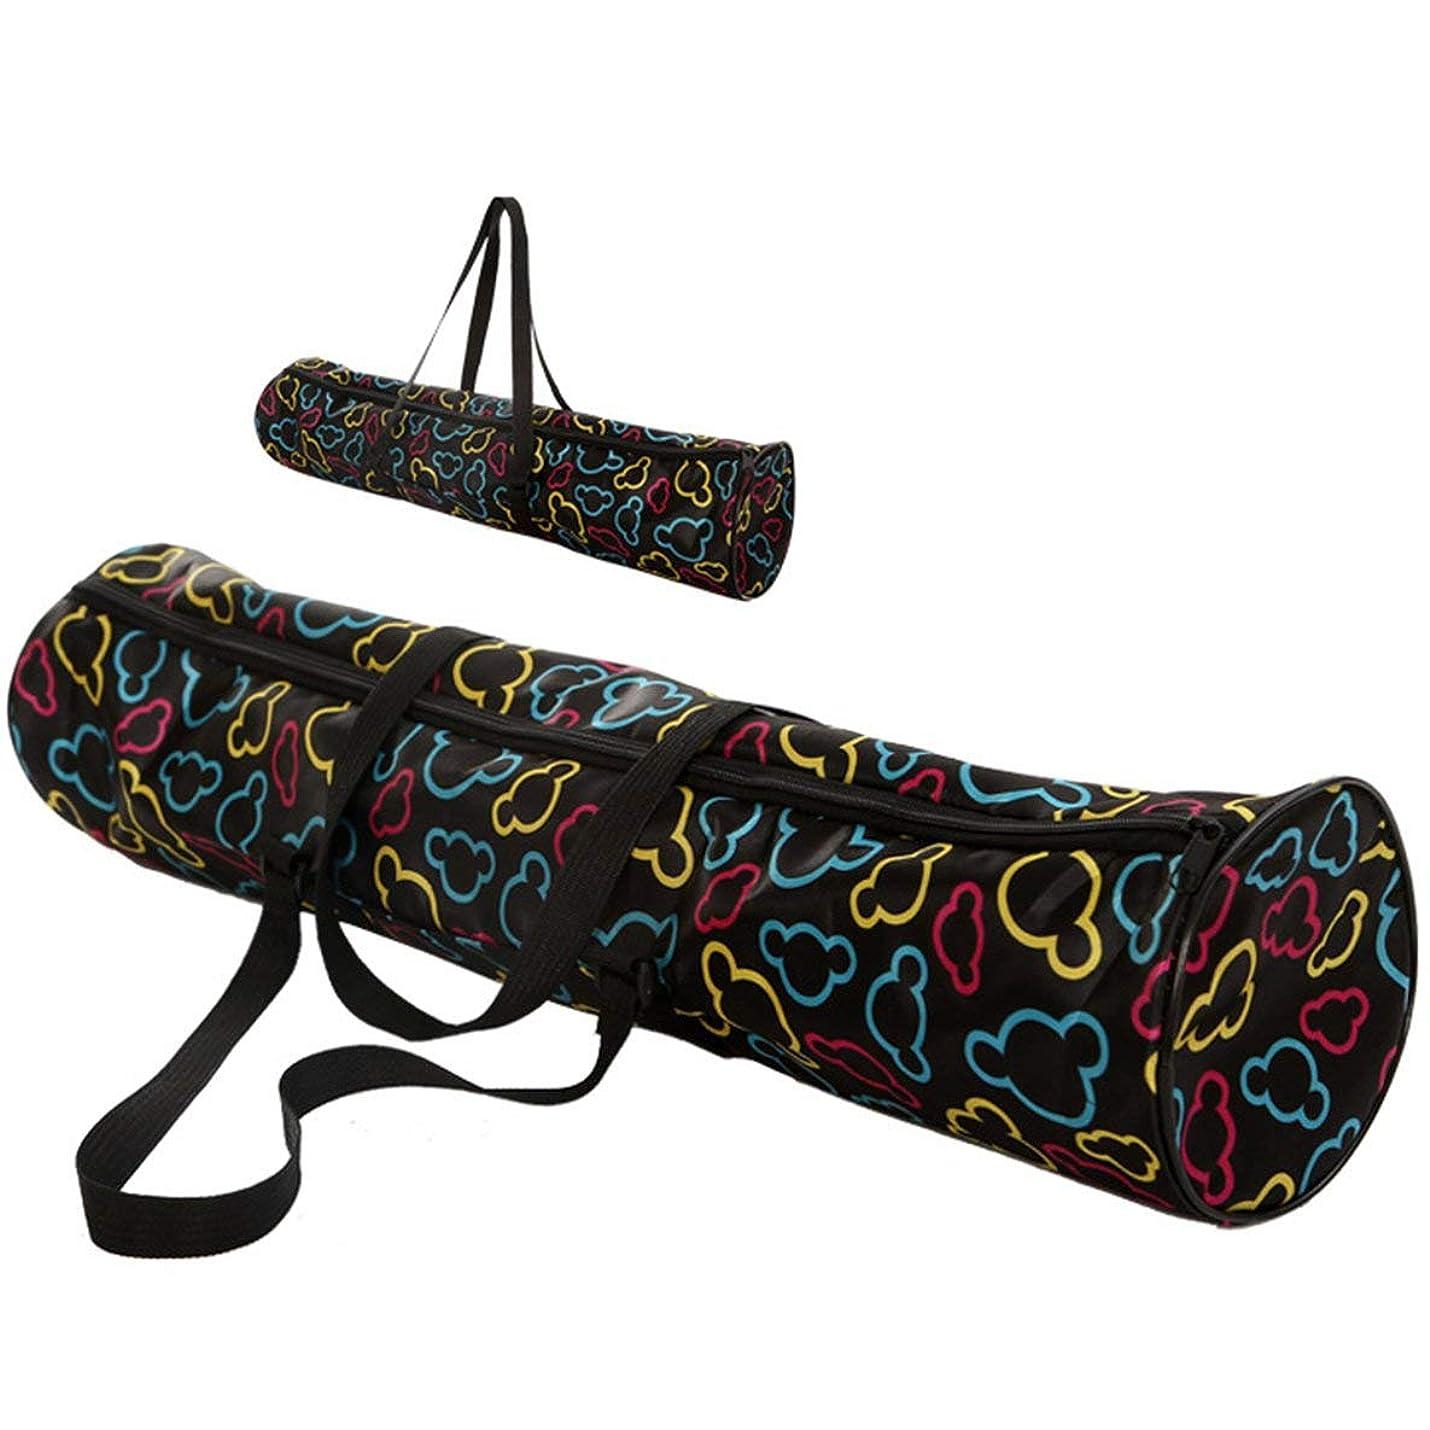 甘やかす感謝樹木Birdlantern多機能防水ヨガマットキャリーバックパックアウトドアスポーツバッグポーチファッションヨガバッグ